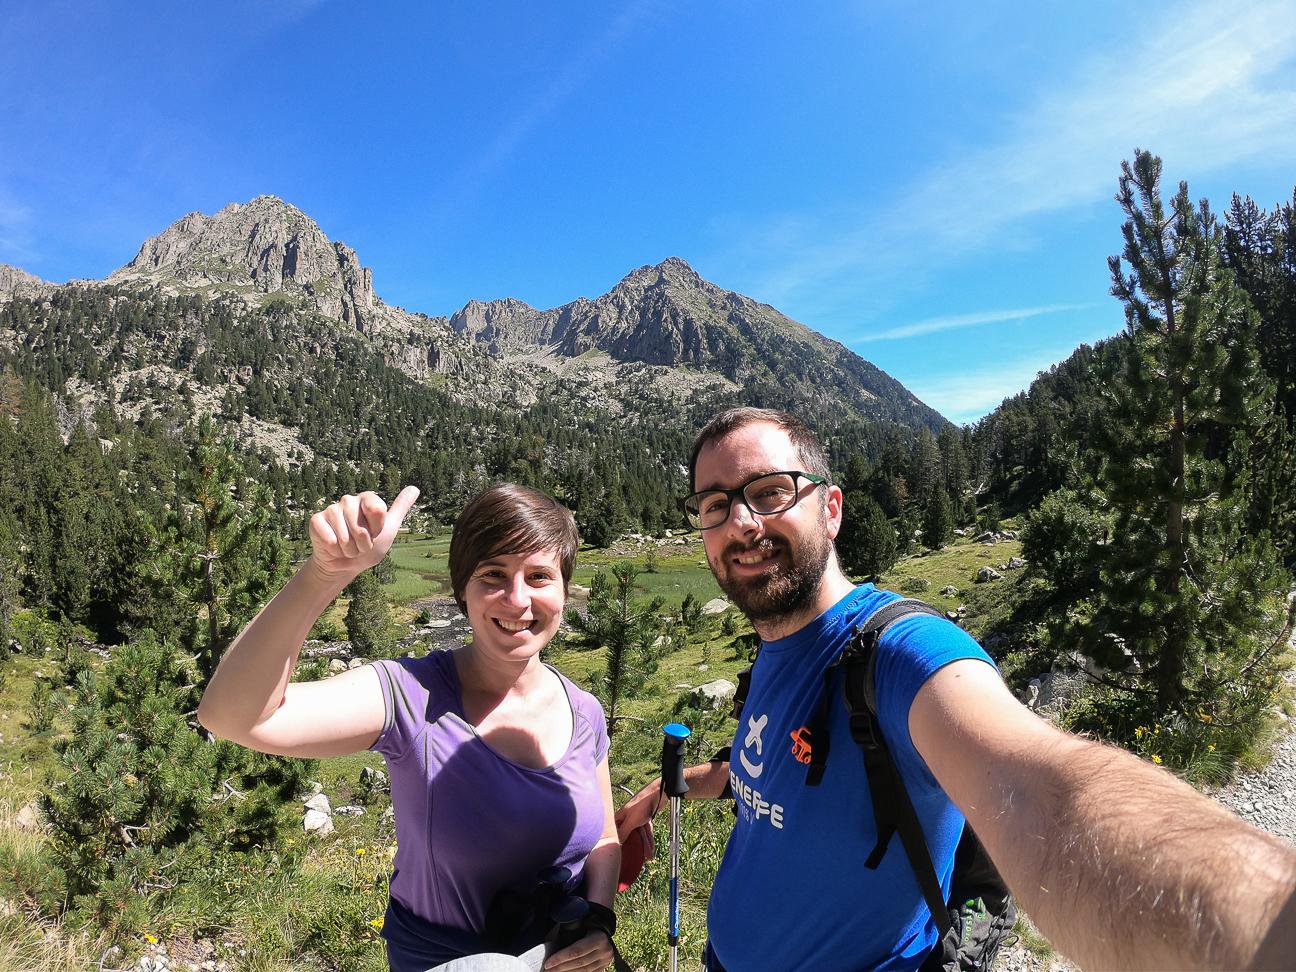 Trekking Parque Nacional Aigues Tortes Ara Lleida